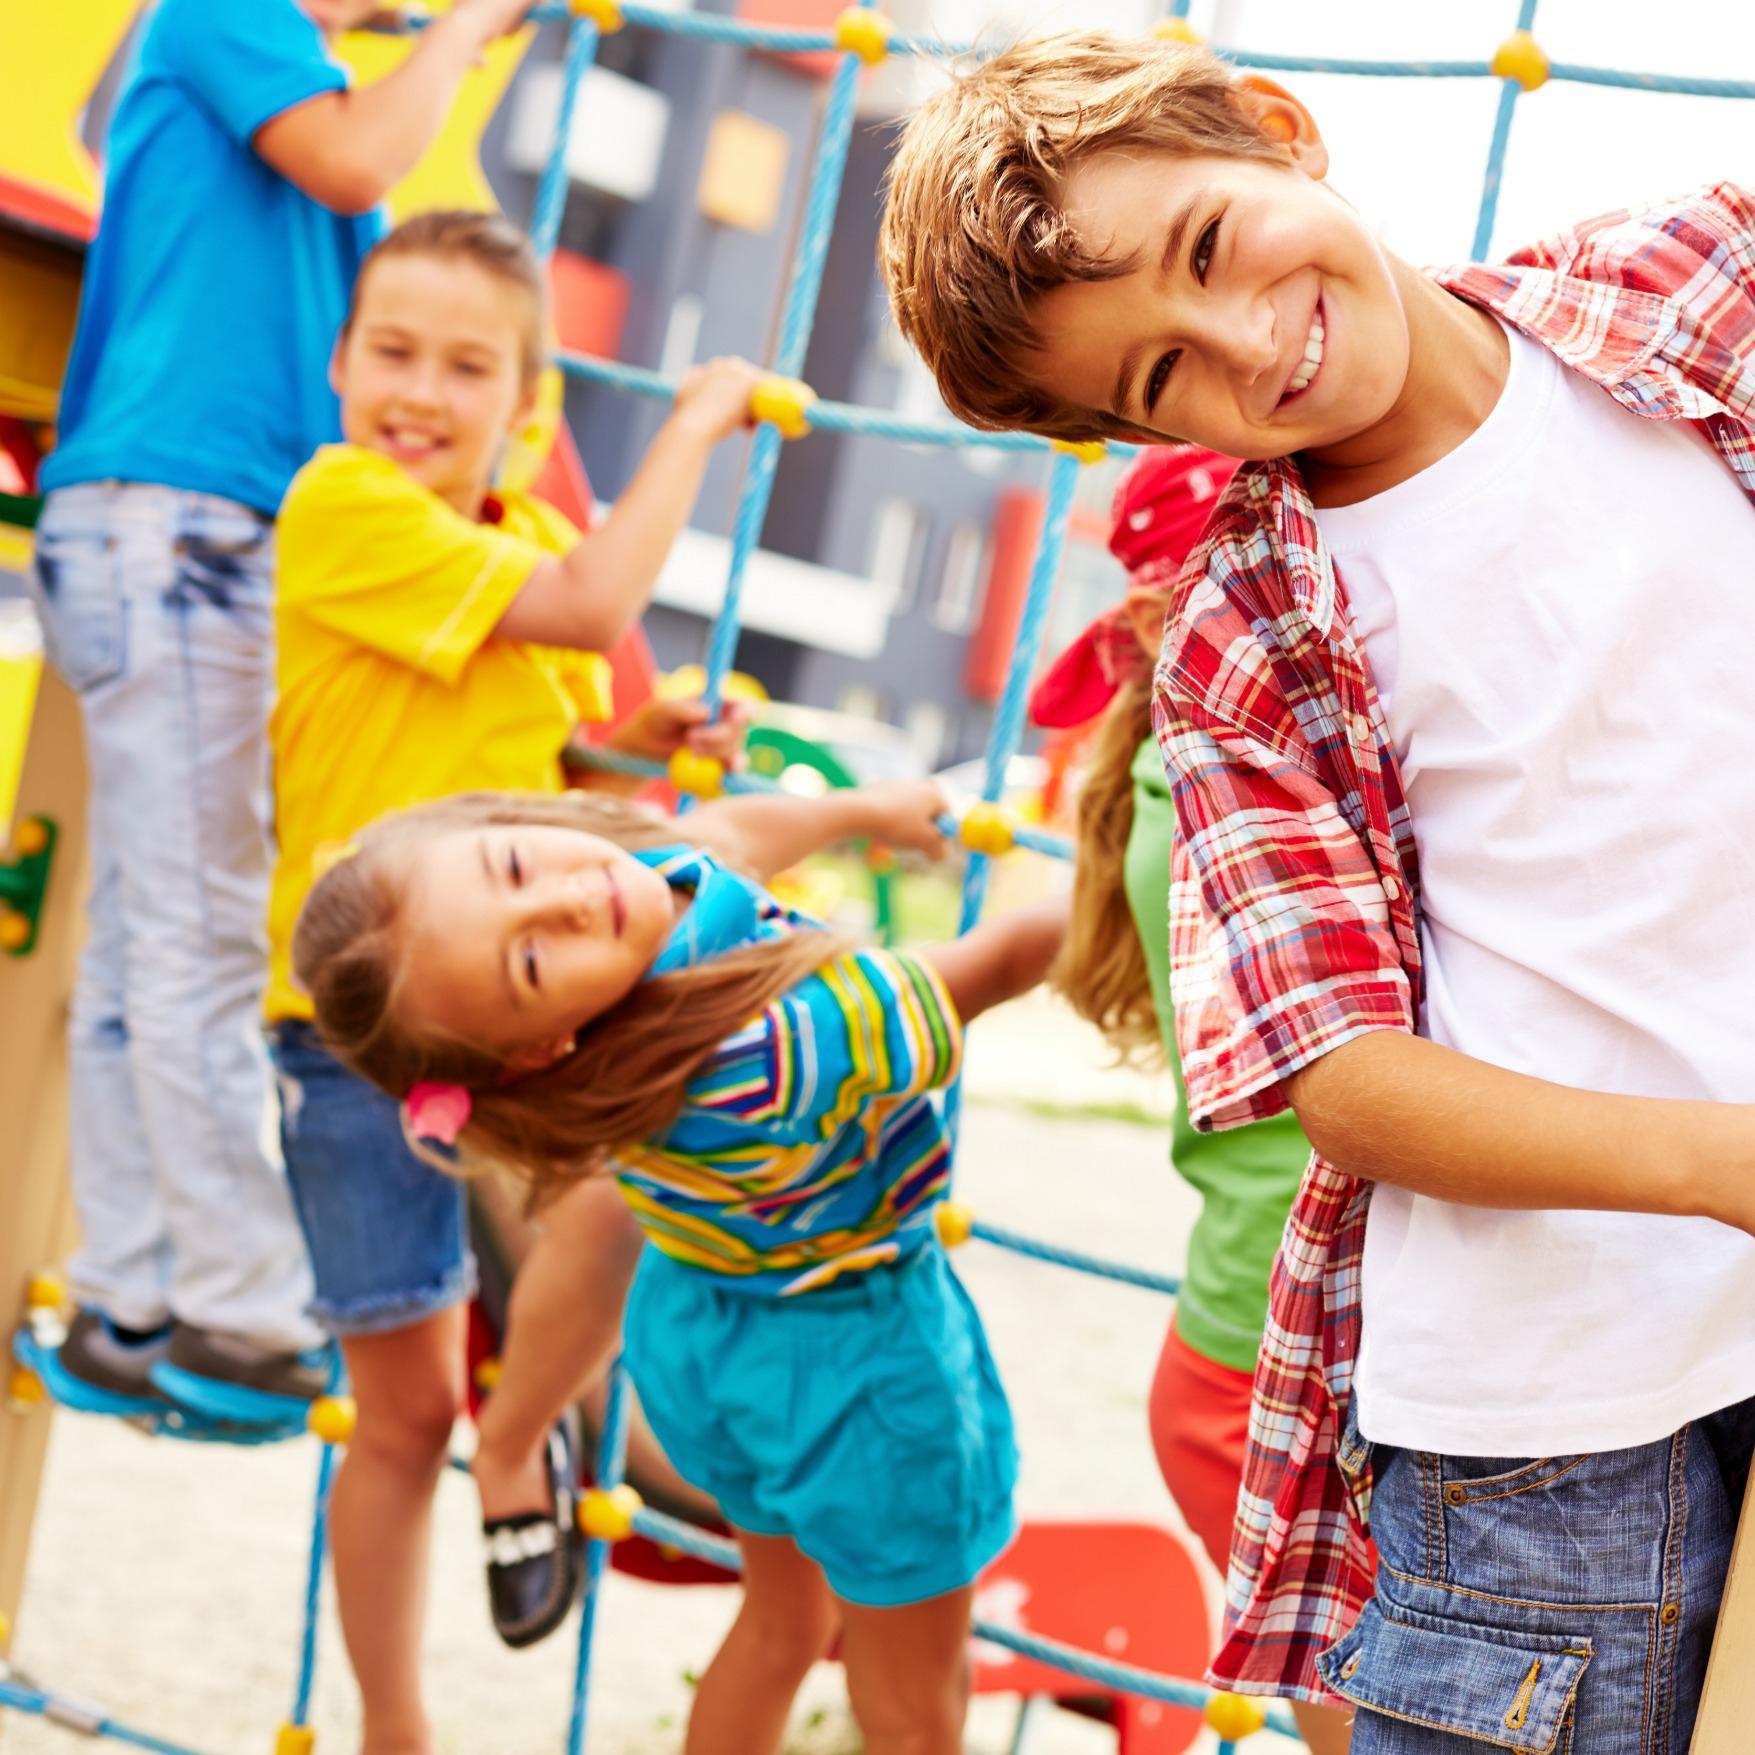 Les enfants qui jouent dehors seraient plus épanouis !